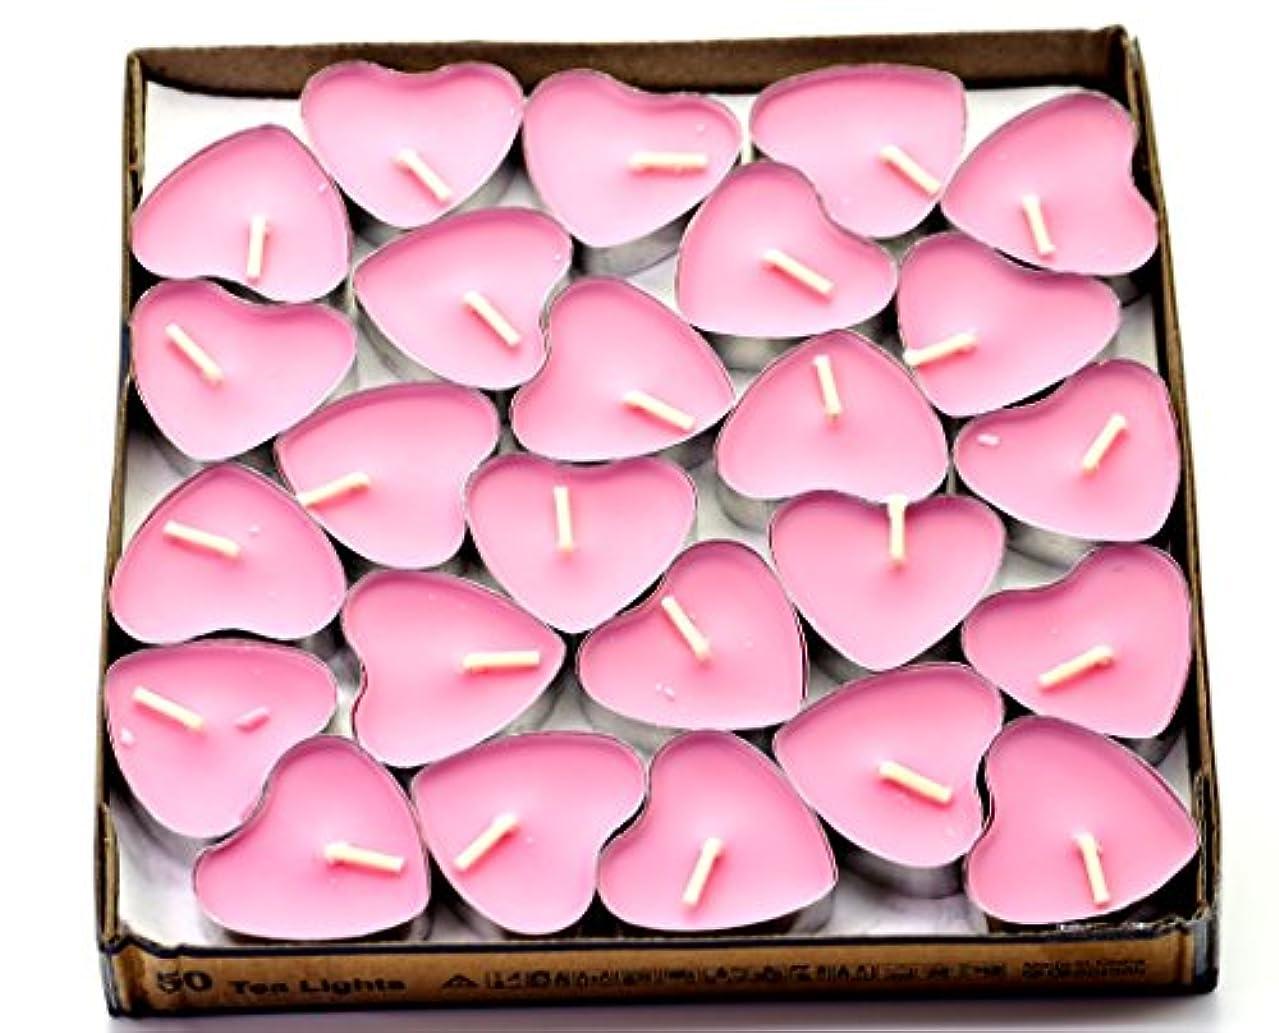 推進力忙しい愛人(Pink(rose)) - Creationtop Scented Candles Tea Lights Mini Hearts Home Decor Aroma Candles Set of 50 pcs mini...